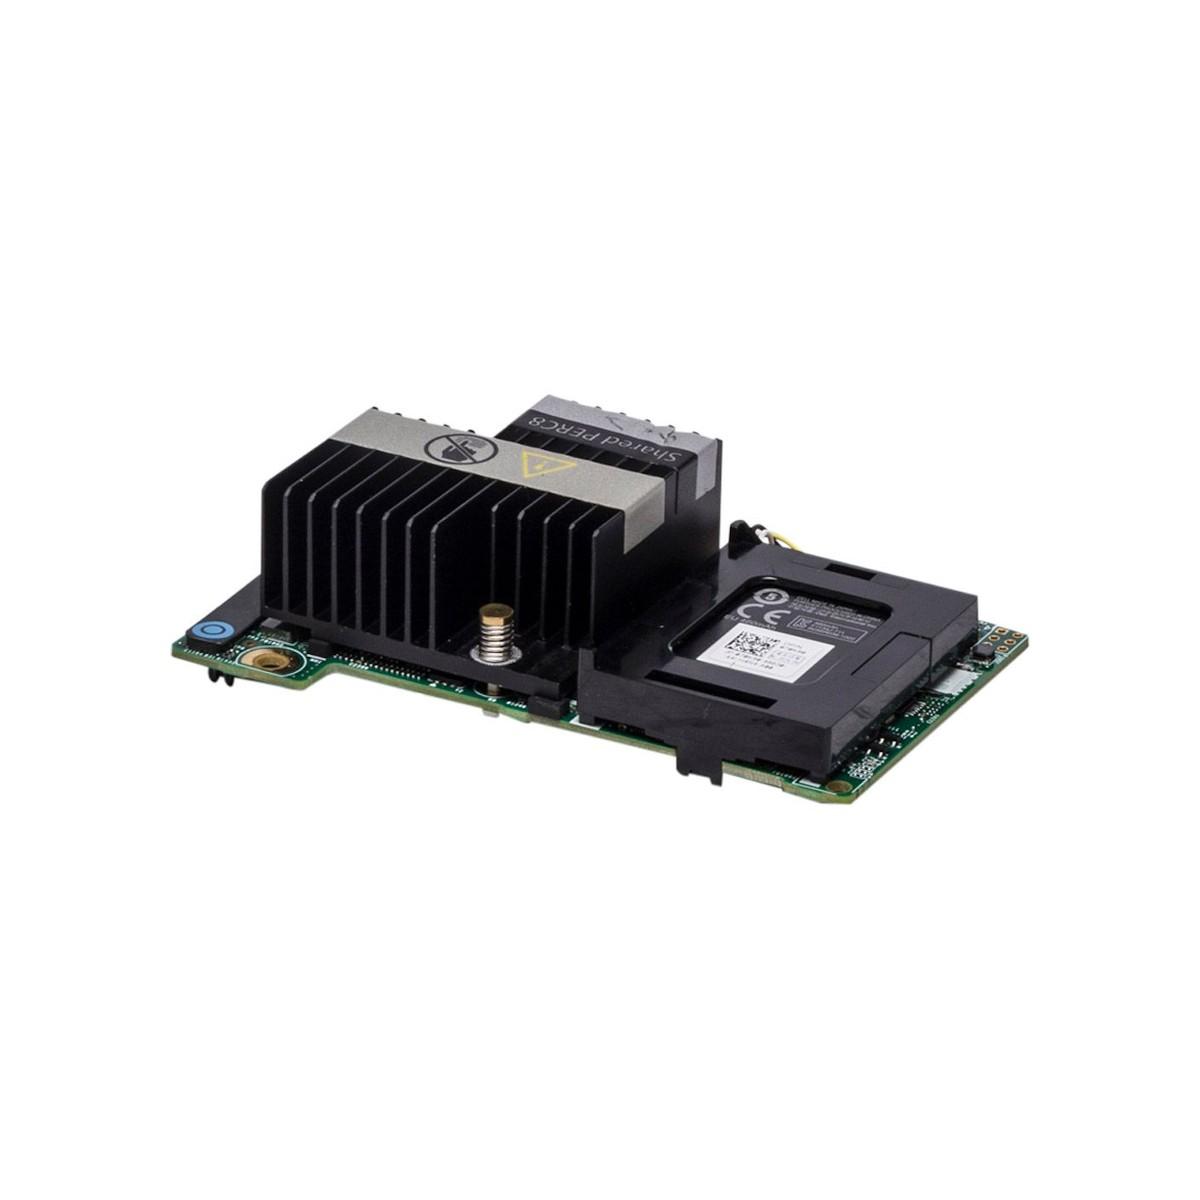 WIN2012 R2 15CAL+DELL R620 2.4QC 16GB 4x146GB H310